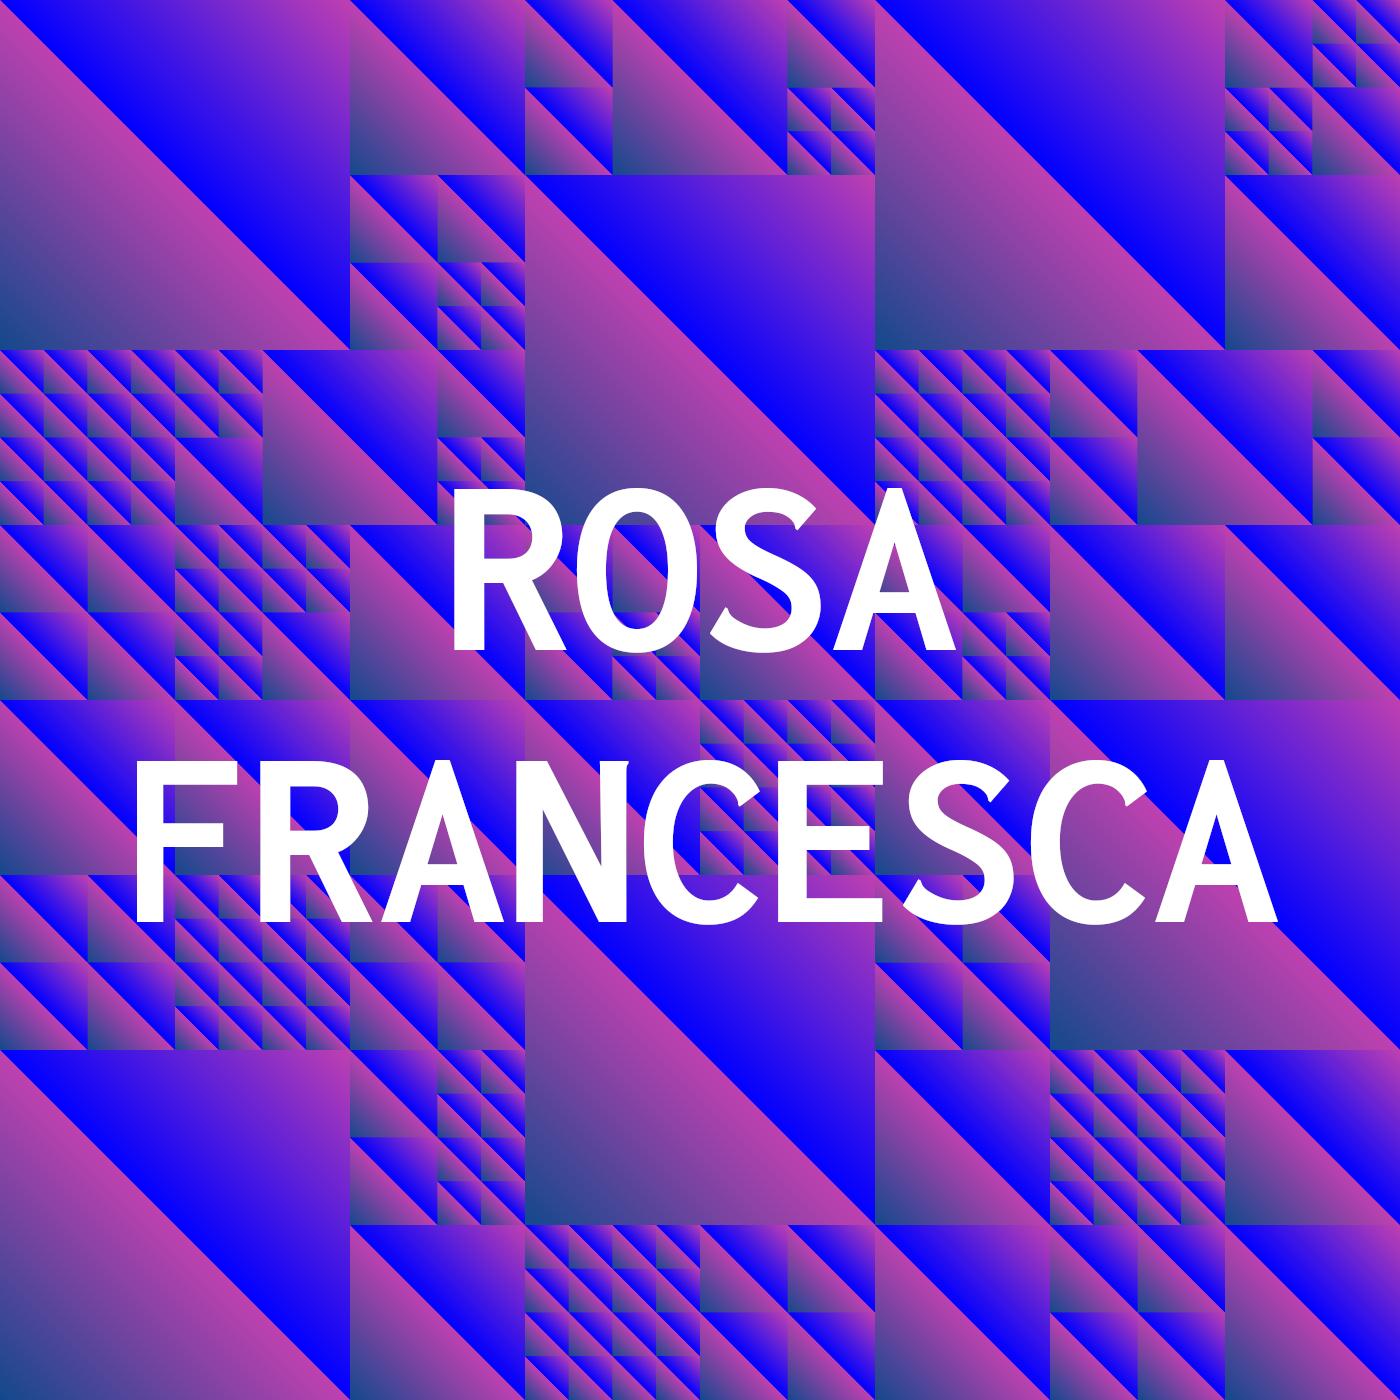 rosa_francesca